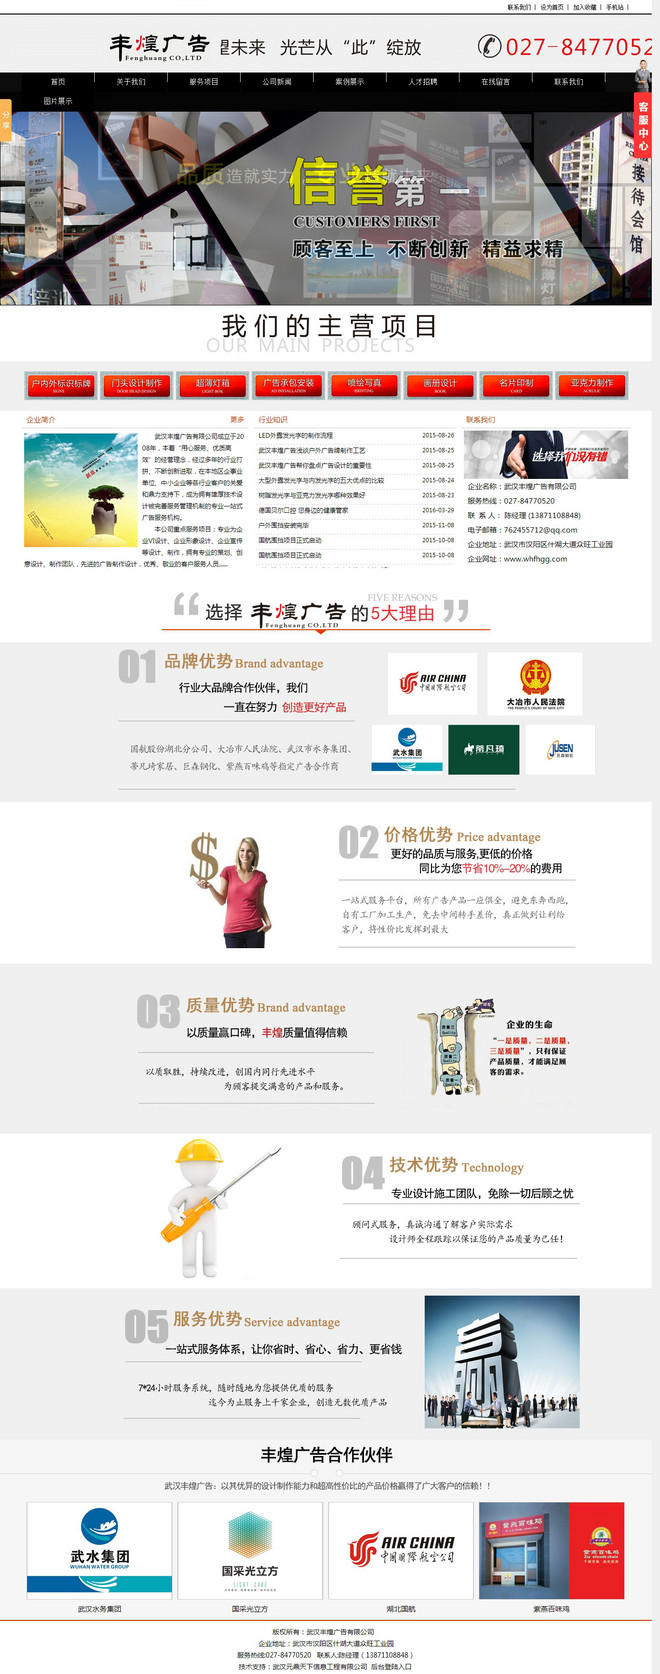 武汉丰煌广告有限公司_武汉地区最好的广告公司之一,广告制作就找武汉丰煌广告.jpg